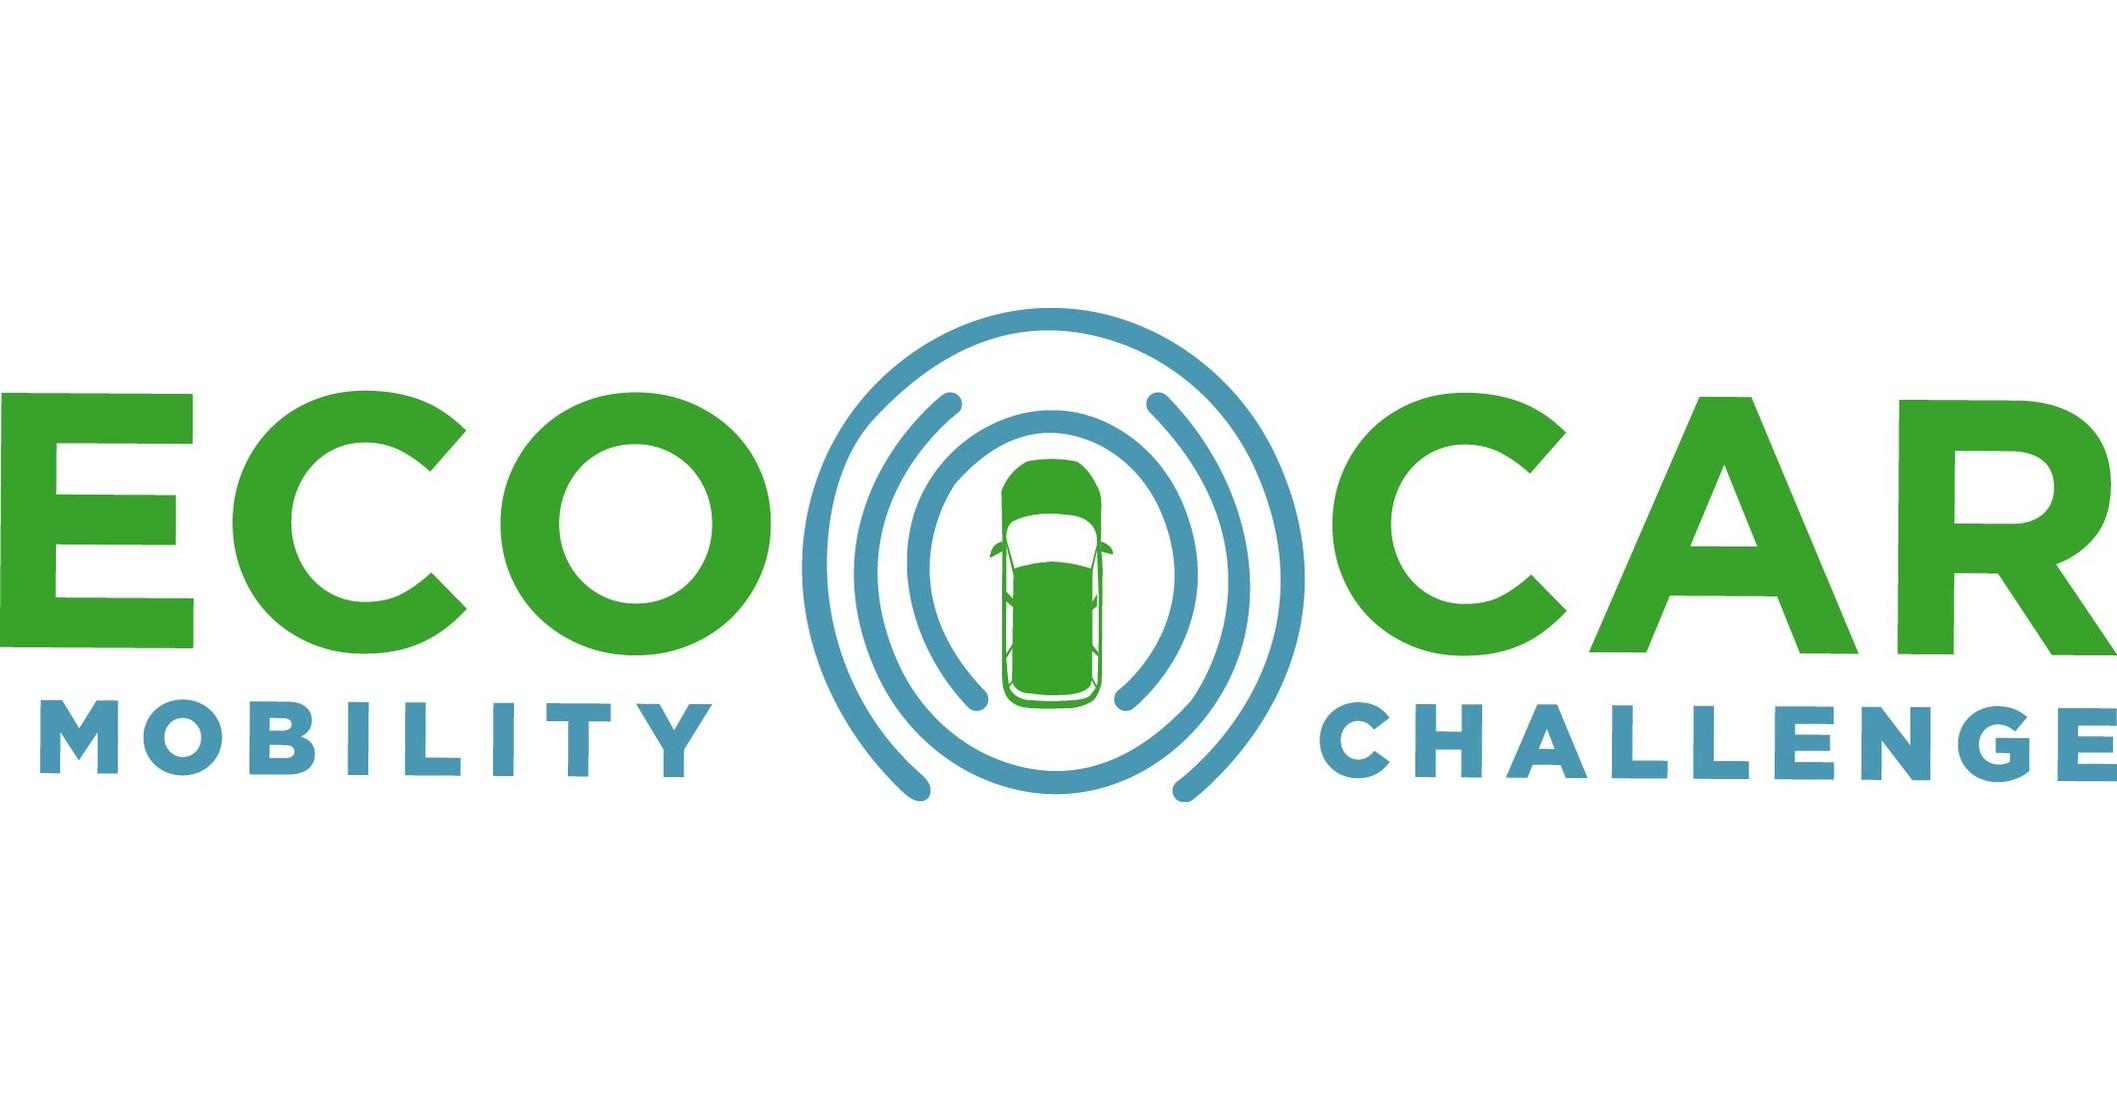 ECOCAR Logo jpg?p=facebook.